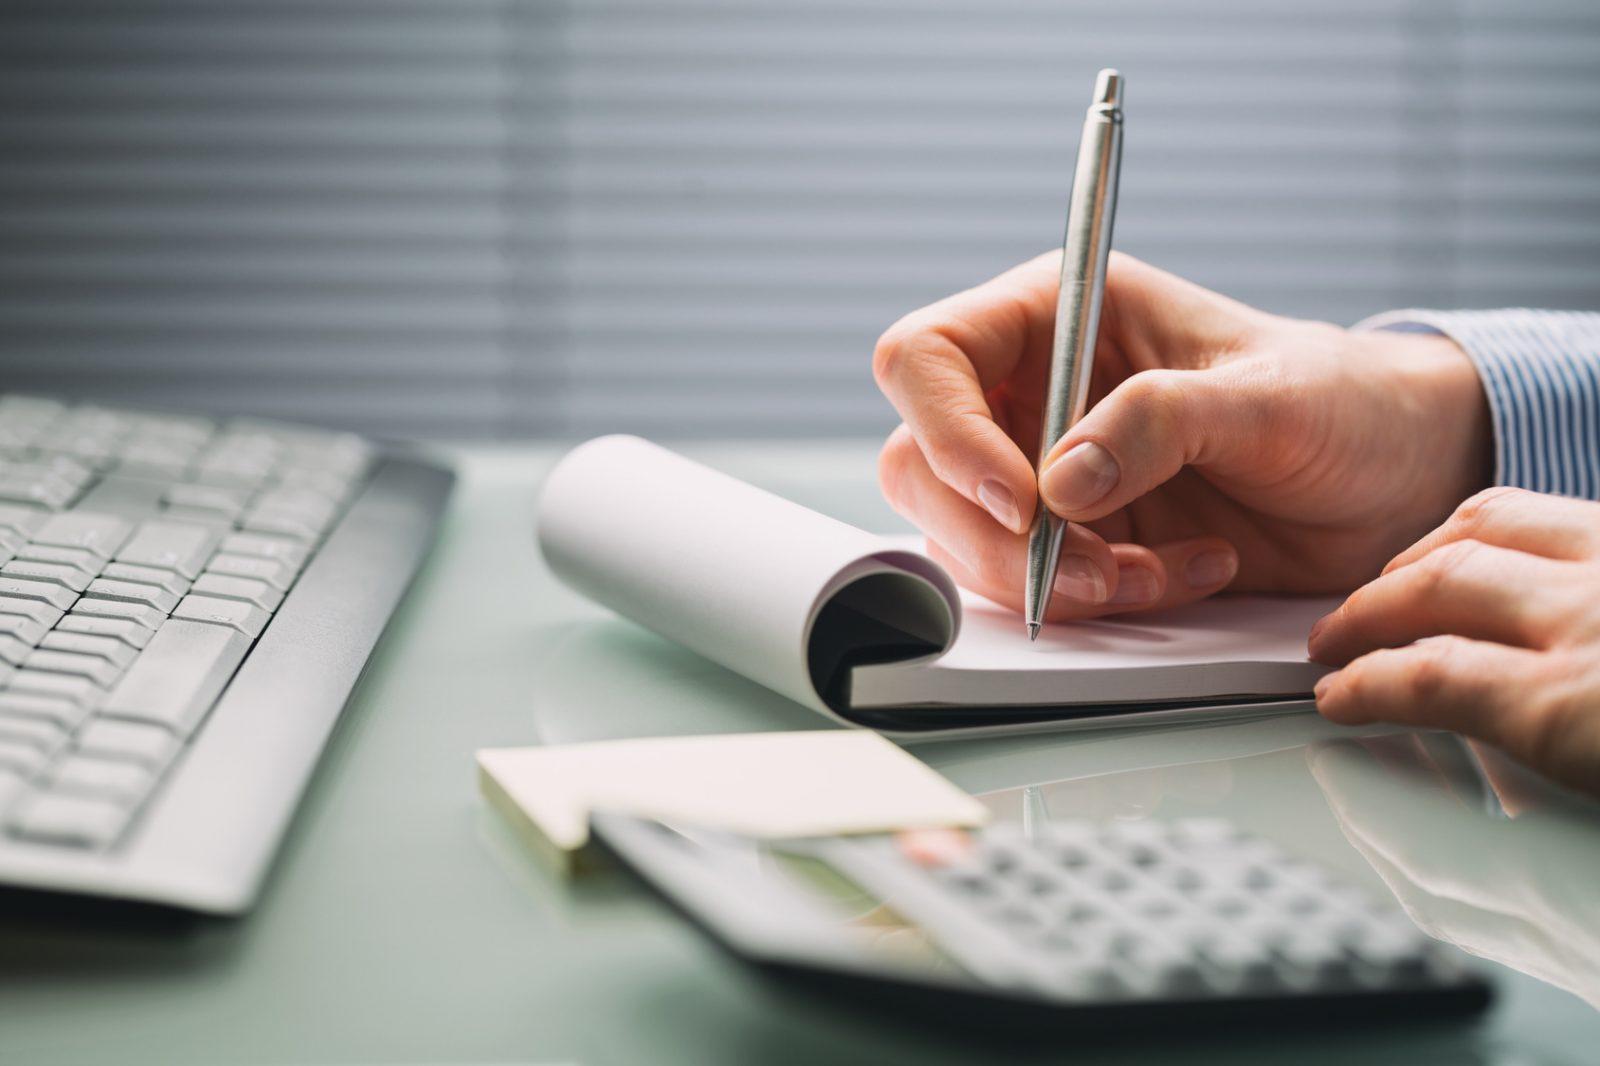 Документы необходимые для внесения записей об отмене государственной регистрации прав, об отмене решения государственного регистратора прав, об отмене записей в Государственном реестре прав